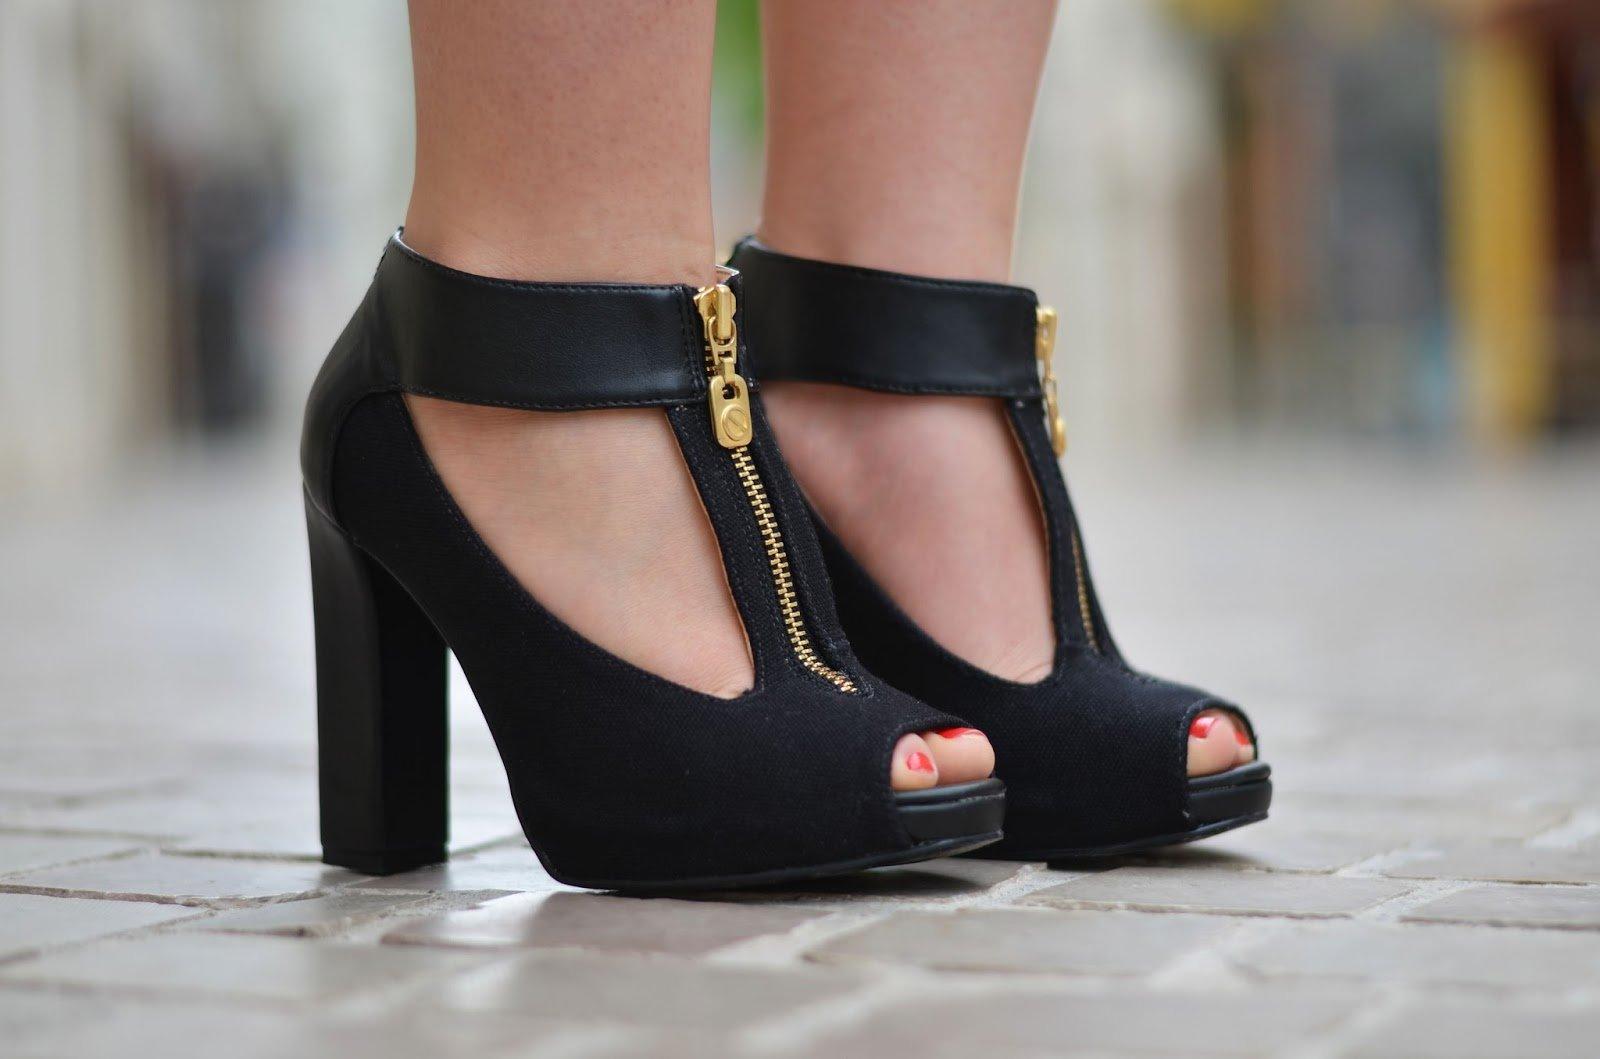 Sandales kat maconie